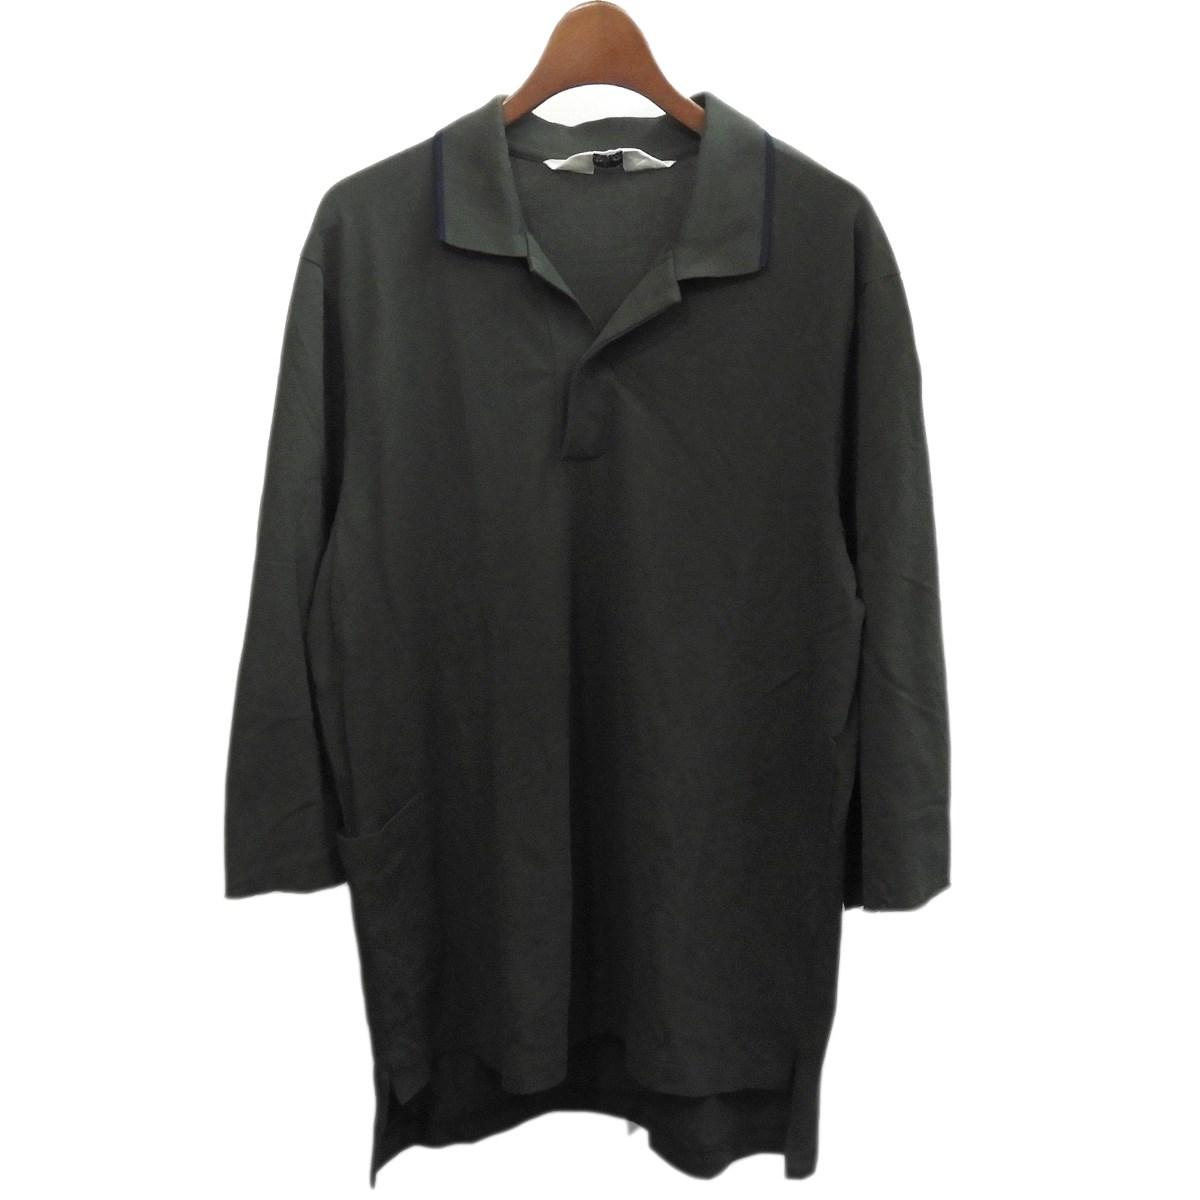 【中古】SUNSEA 2018SS 「BIG POLO SHIRT」 ビッグポロシャツ グリーン サイズ:2 【010320】(サンシー)